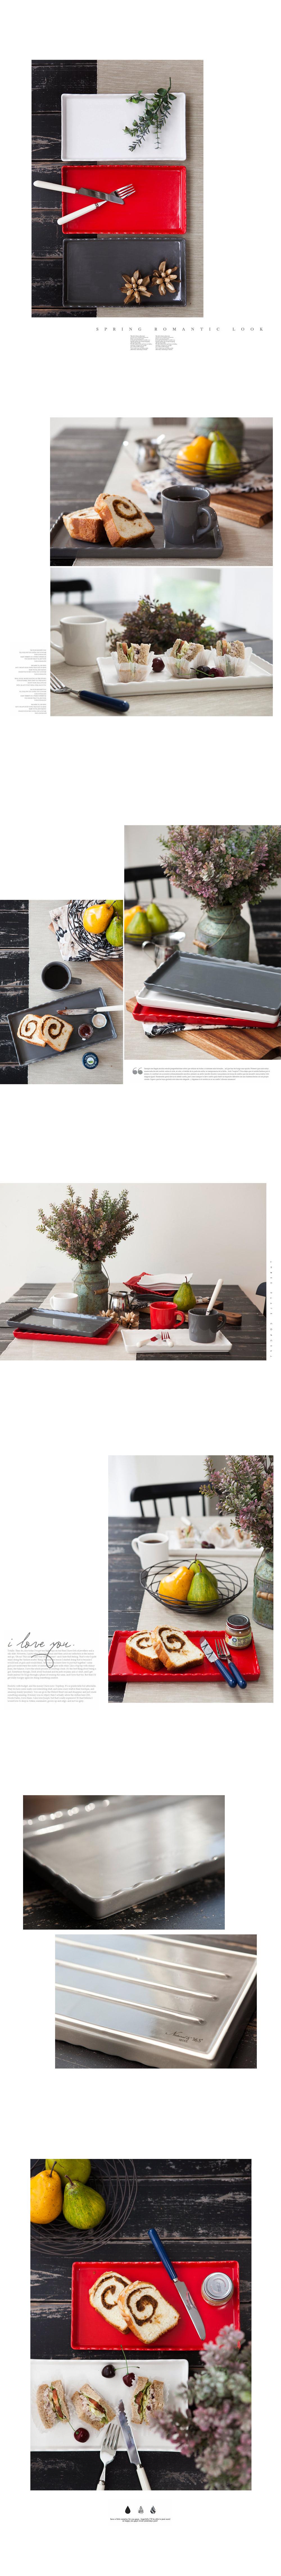 내츄럴 바닐라 브런치 플레이트(2color - 안나하우스, 22,800원, 접시/찬기, 접시